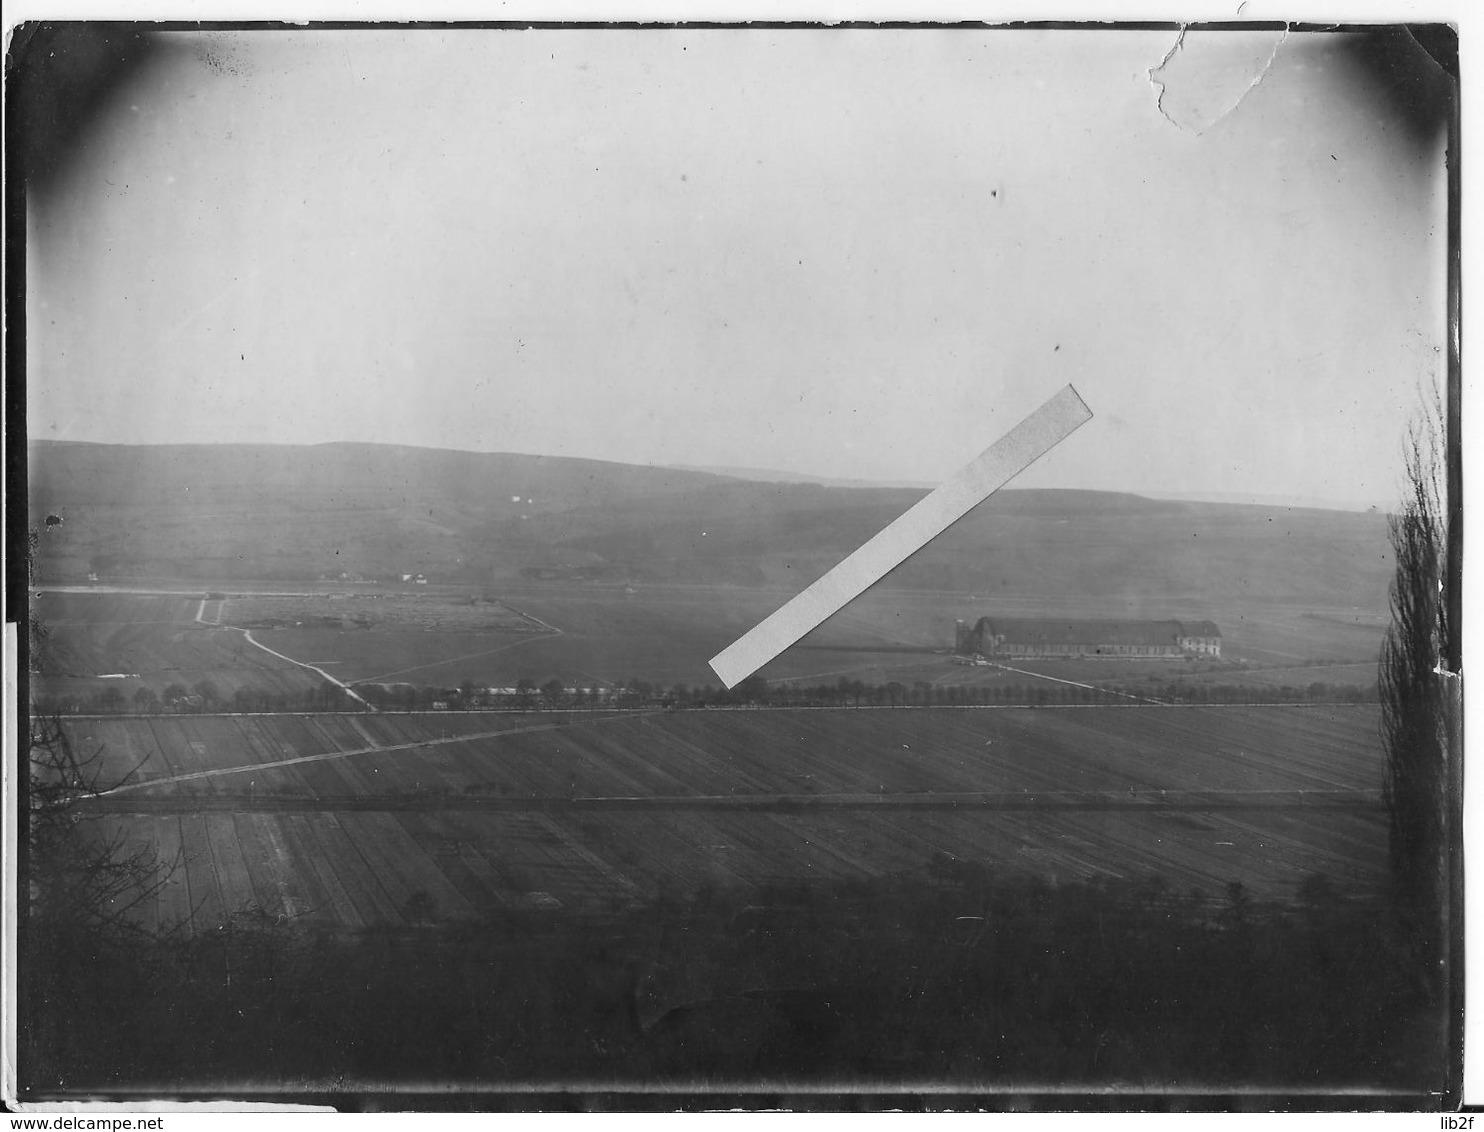 1914-1918 Arérodrome De Trèves Hangars à Zeppelins 1 Photo Aérienne Us Army 3è Armée 10th.squadron Ww1 - War, Military